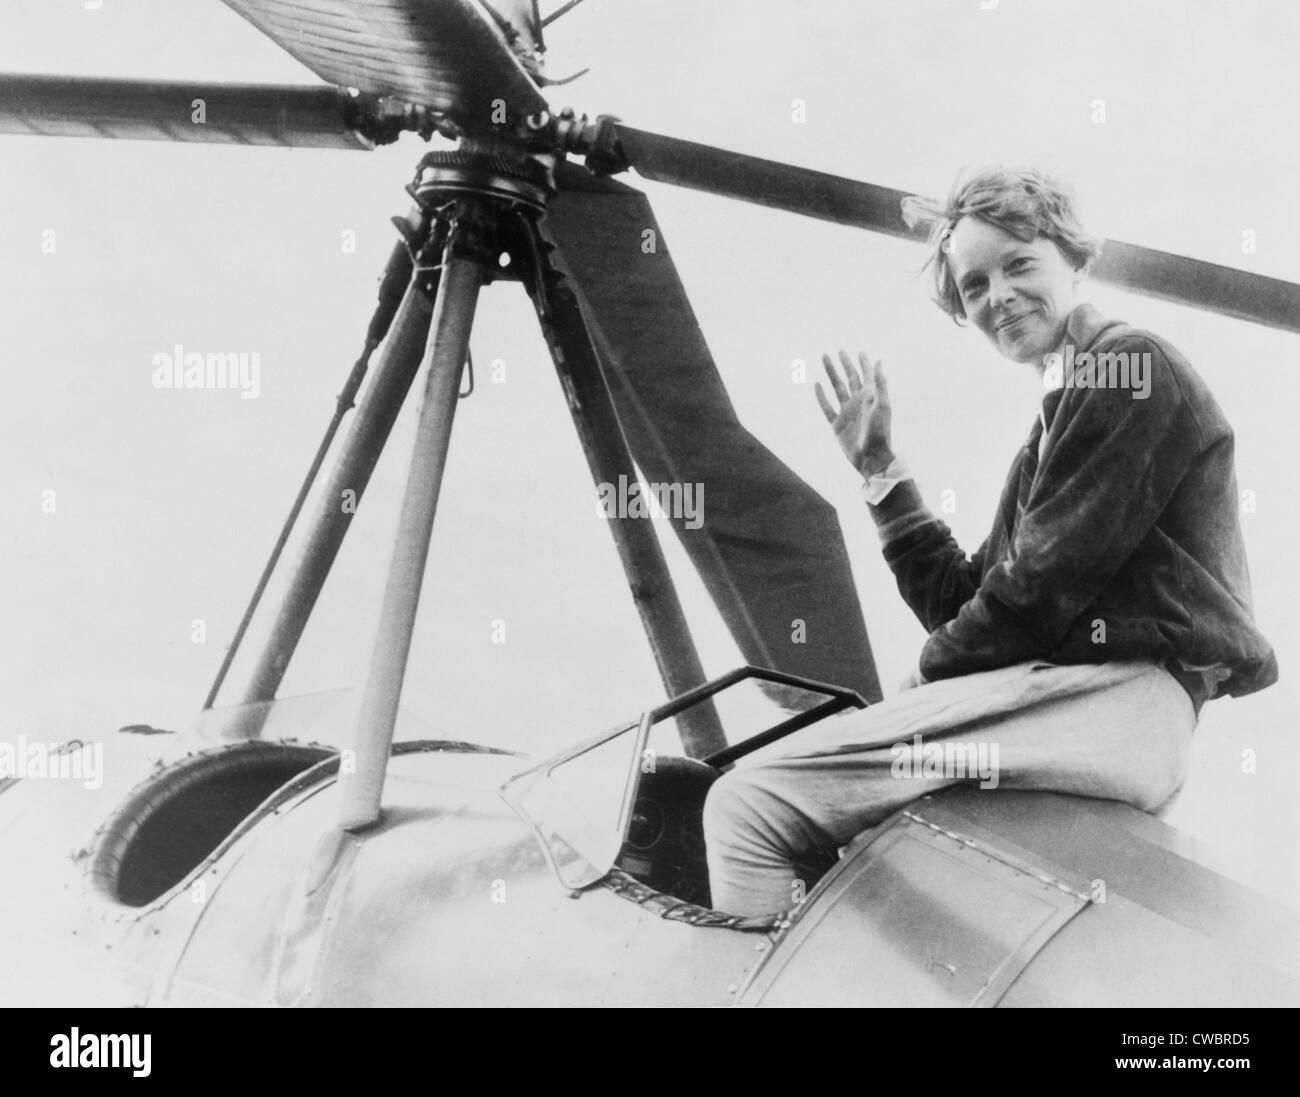 Amelia Earhart (1897-1937), agitando, sentado fuera de la cabina en la parte superior de un autogiro, en Los Angeles, Imagen De Stock